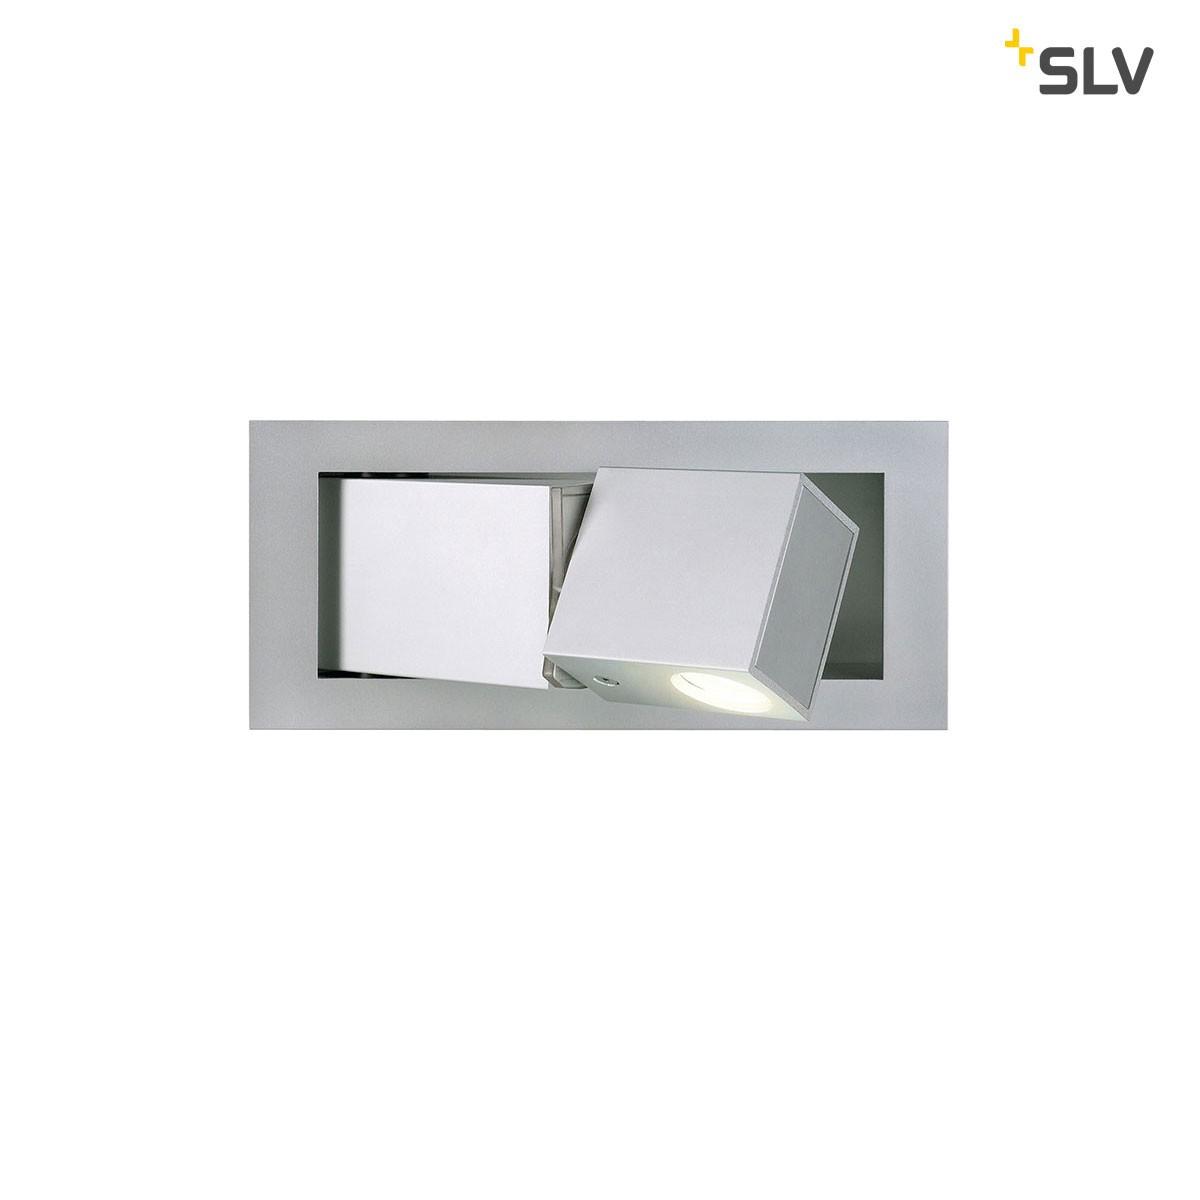 SLV Bedside Wandleuchte, Ausführung: rechts, 3000° K, silbergrau